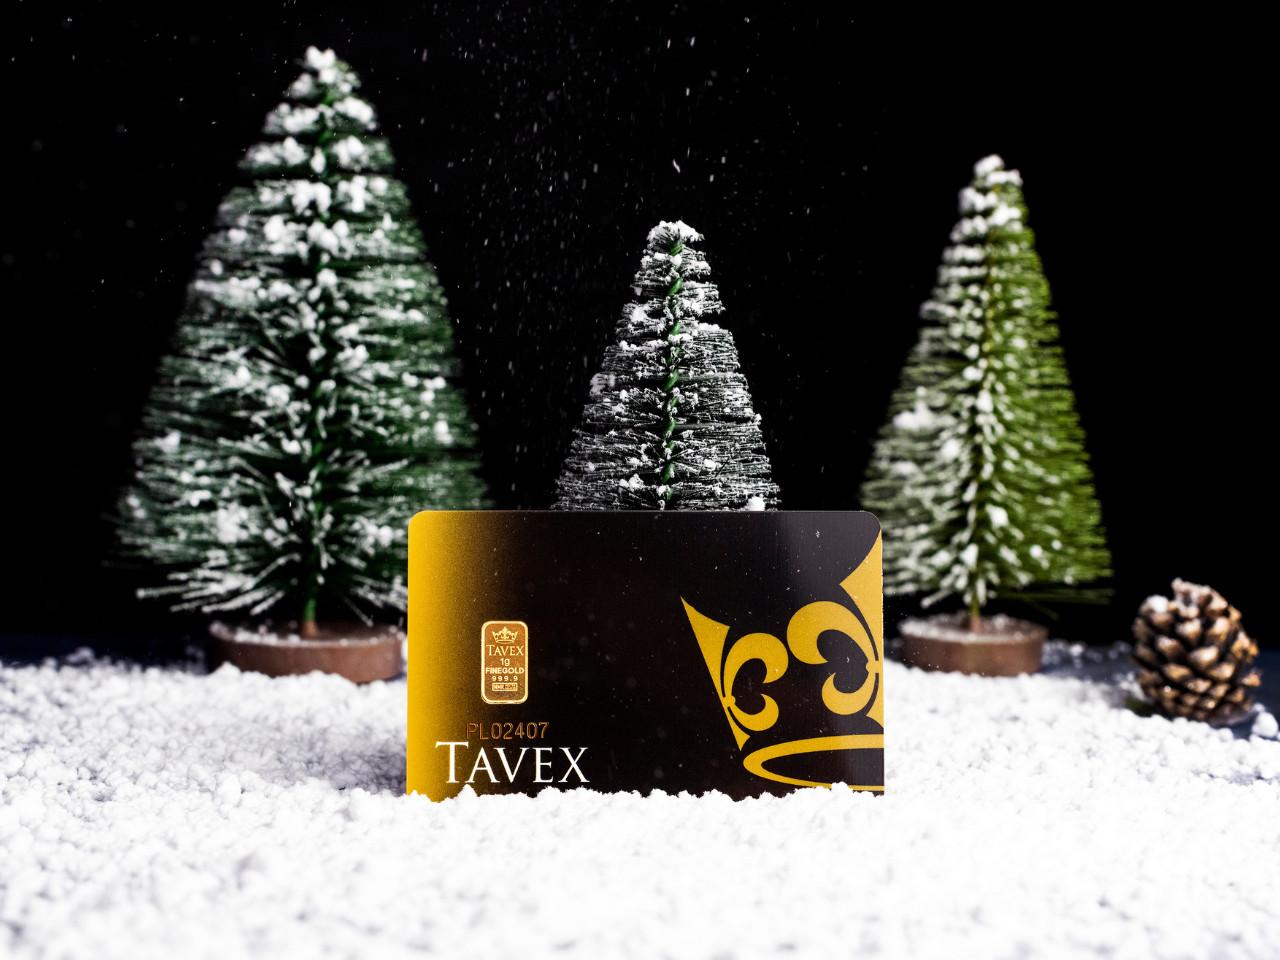 Sztabka złota Tavex 1 g – złoto na prezent świąteczny